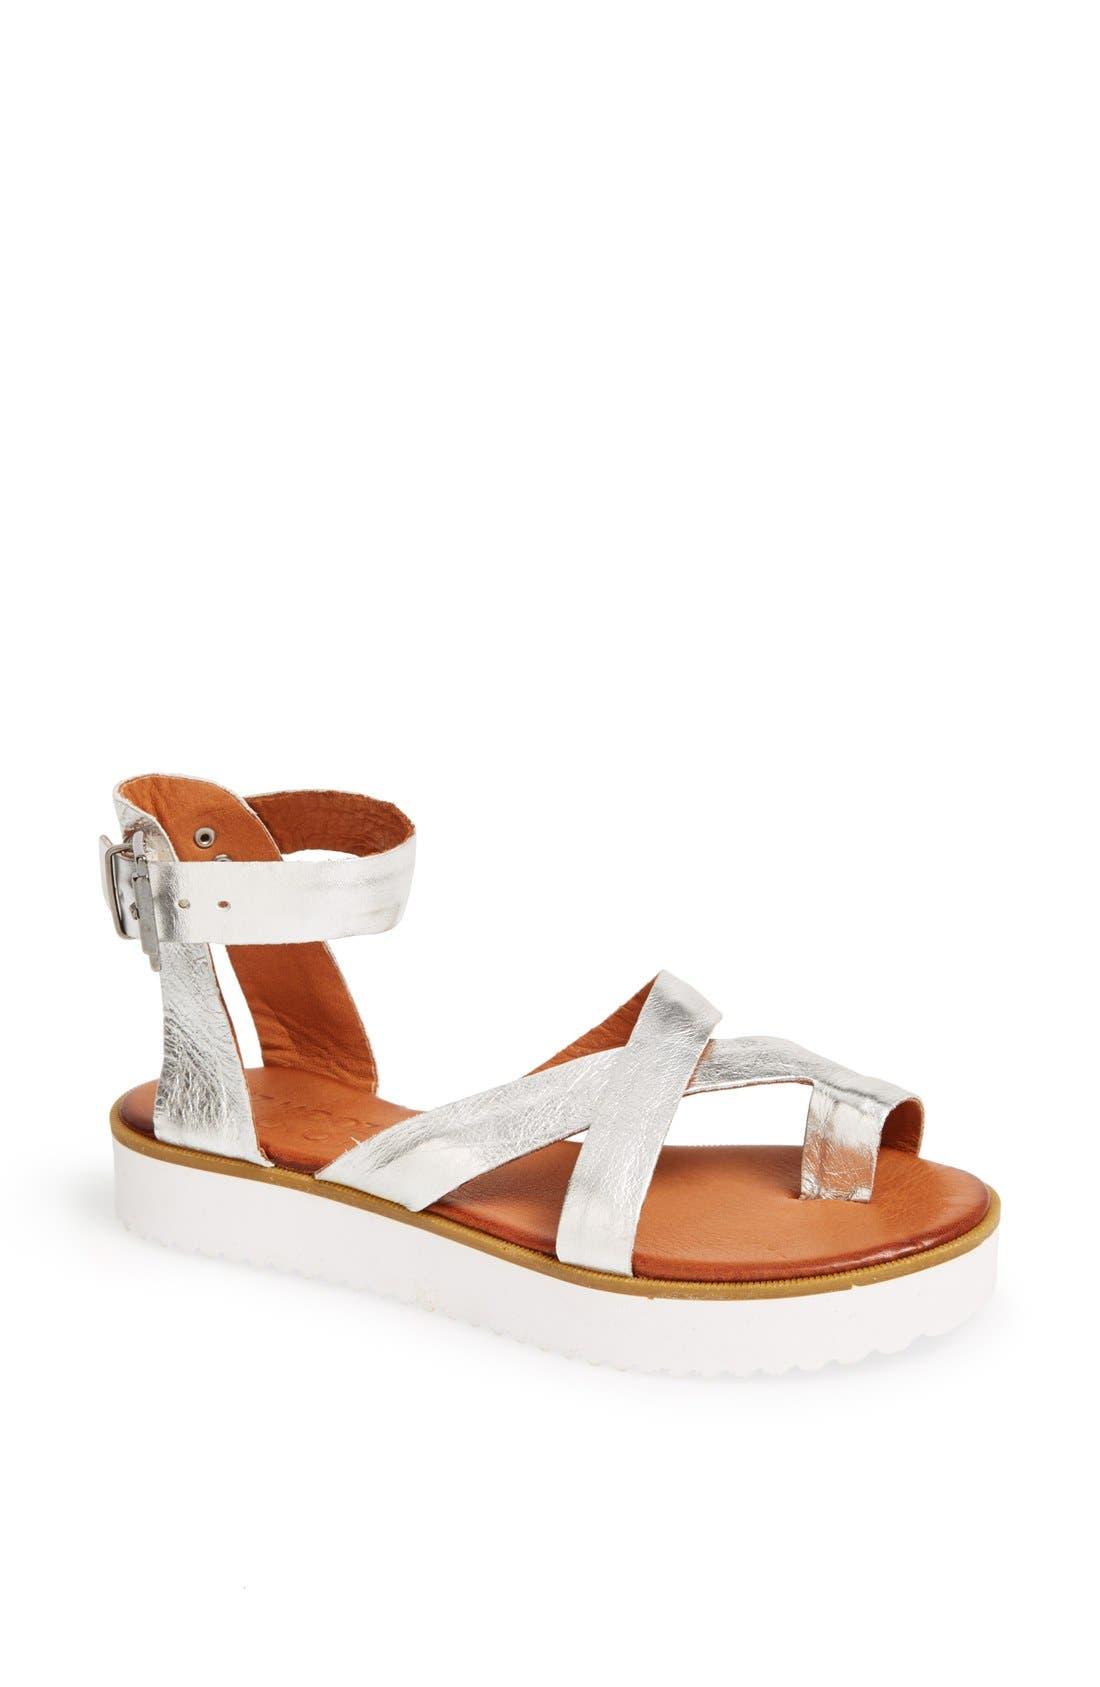 Alternate Image 1 Selected - Miz Mooz 'Gable' Sandal